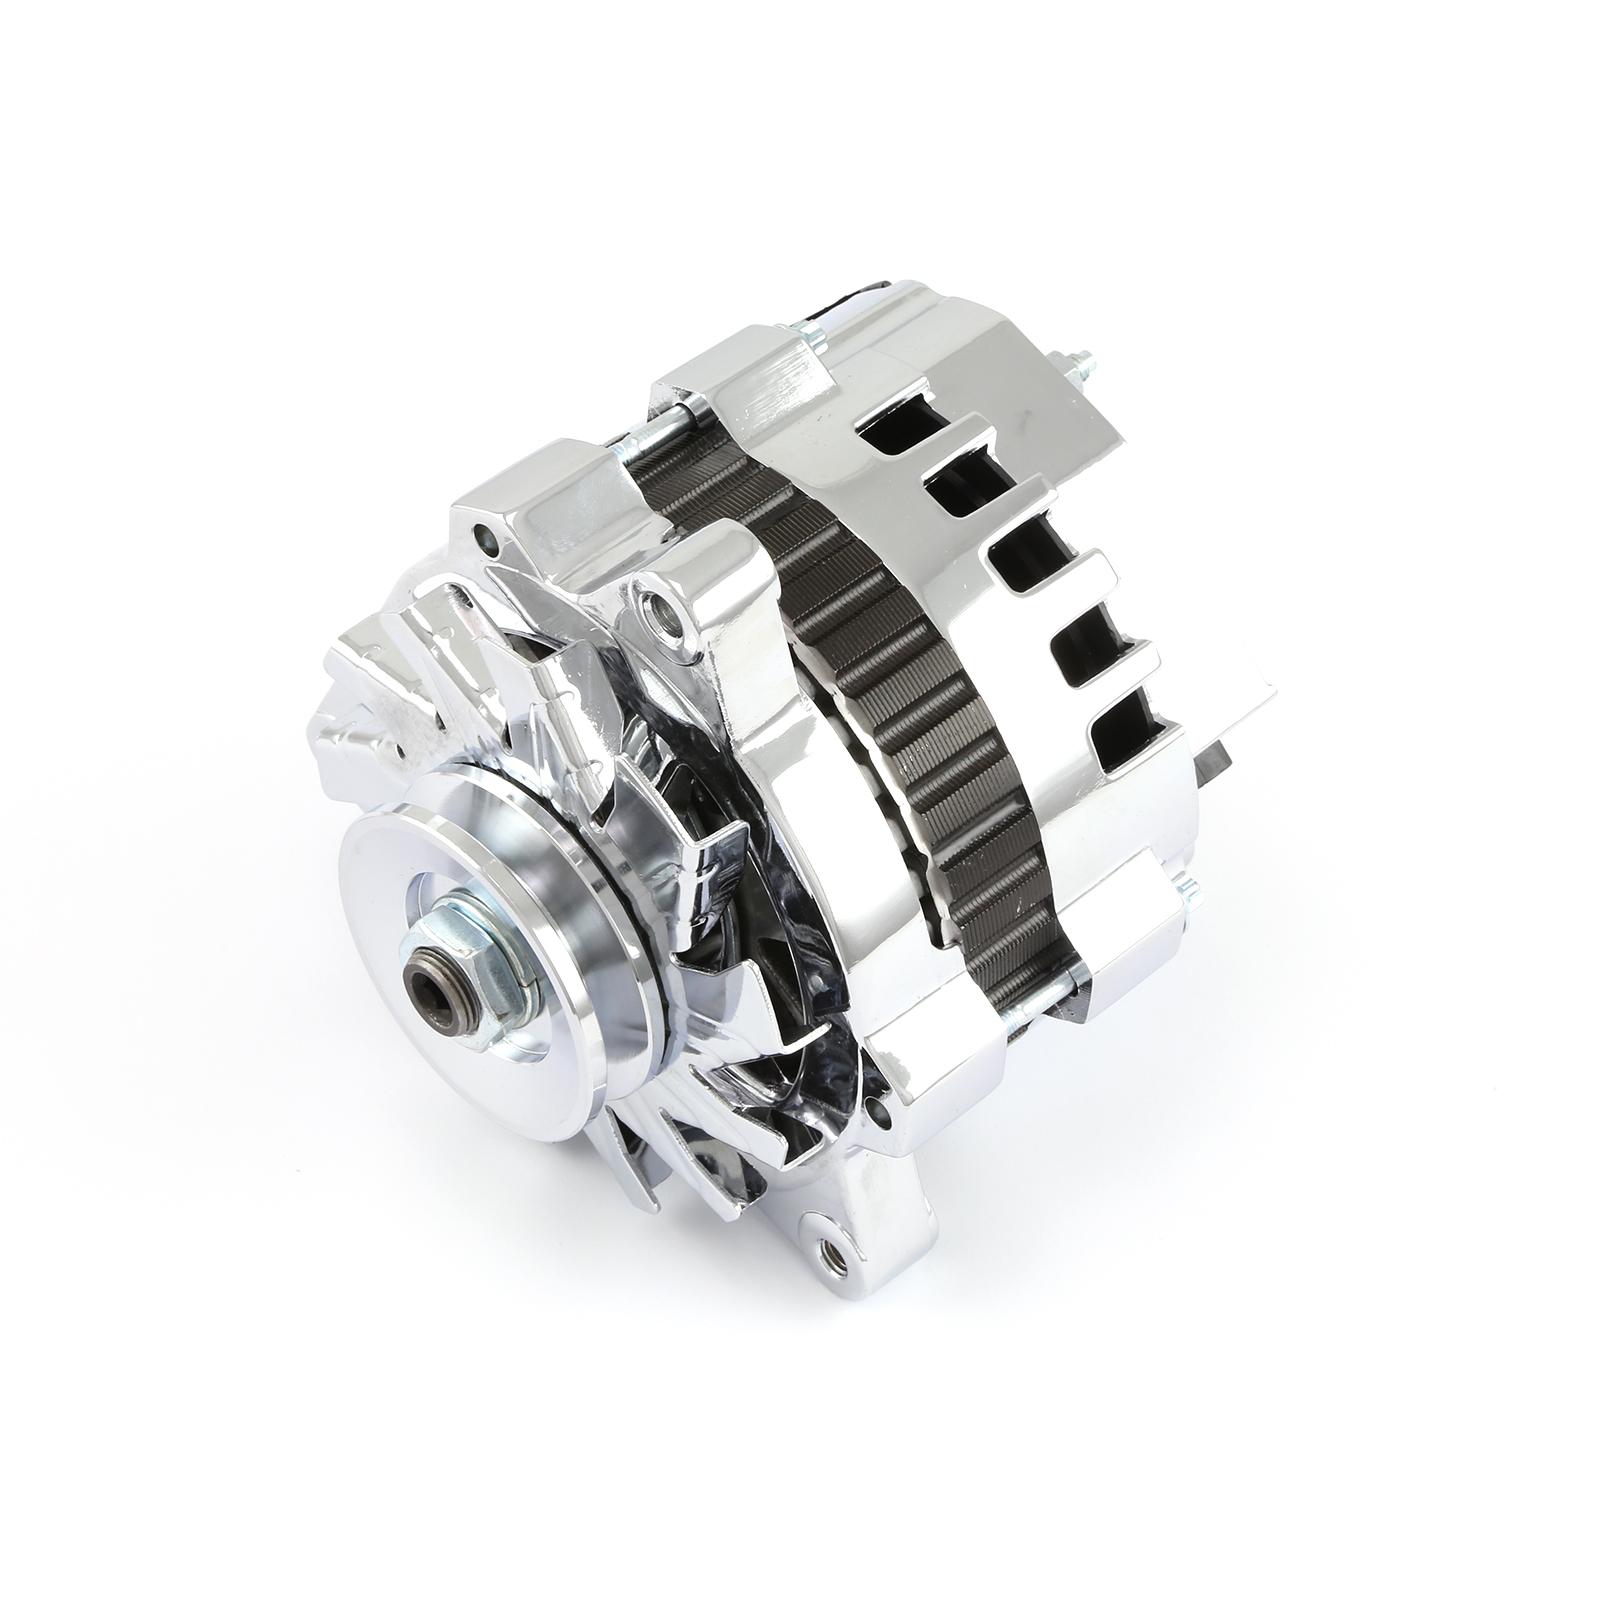 Chevy Buick Olds 7933-11 90Amp High Output V-Belt Chrome Alternator